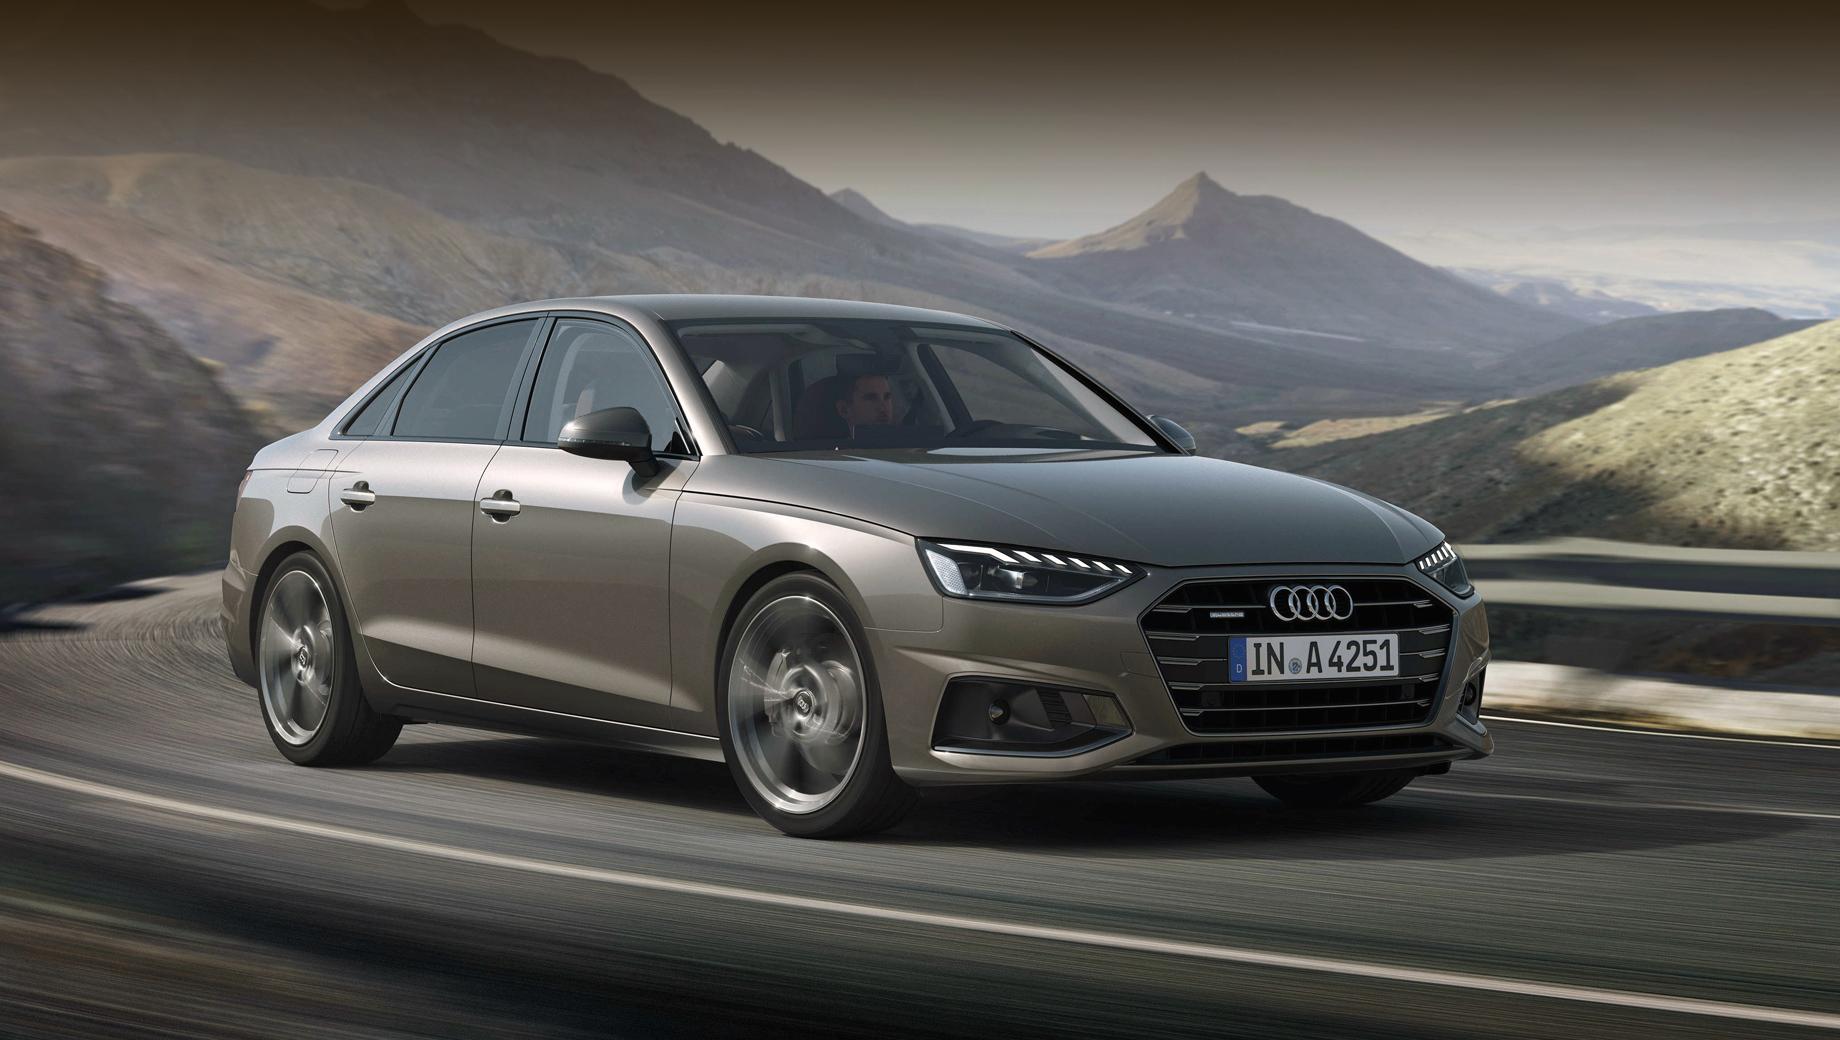 Audi a4,Audi a5,Audi a4 avant,Audi a4 allroad,Audi a5 sportback. У дилеров рестайлинговые A4 и A5 появятся в ноябре, а пока начат приём заказов.